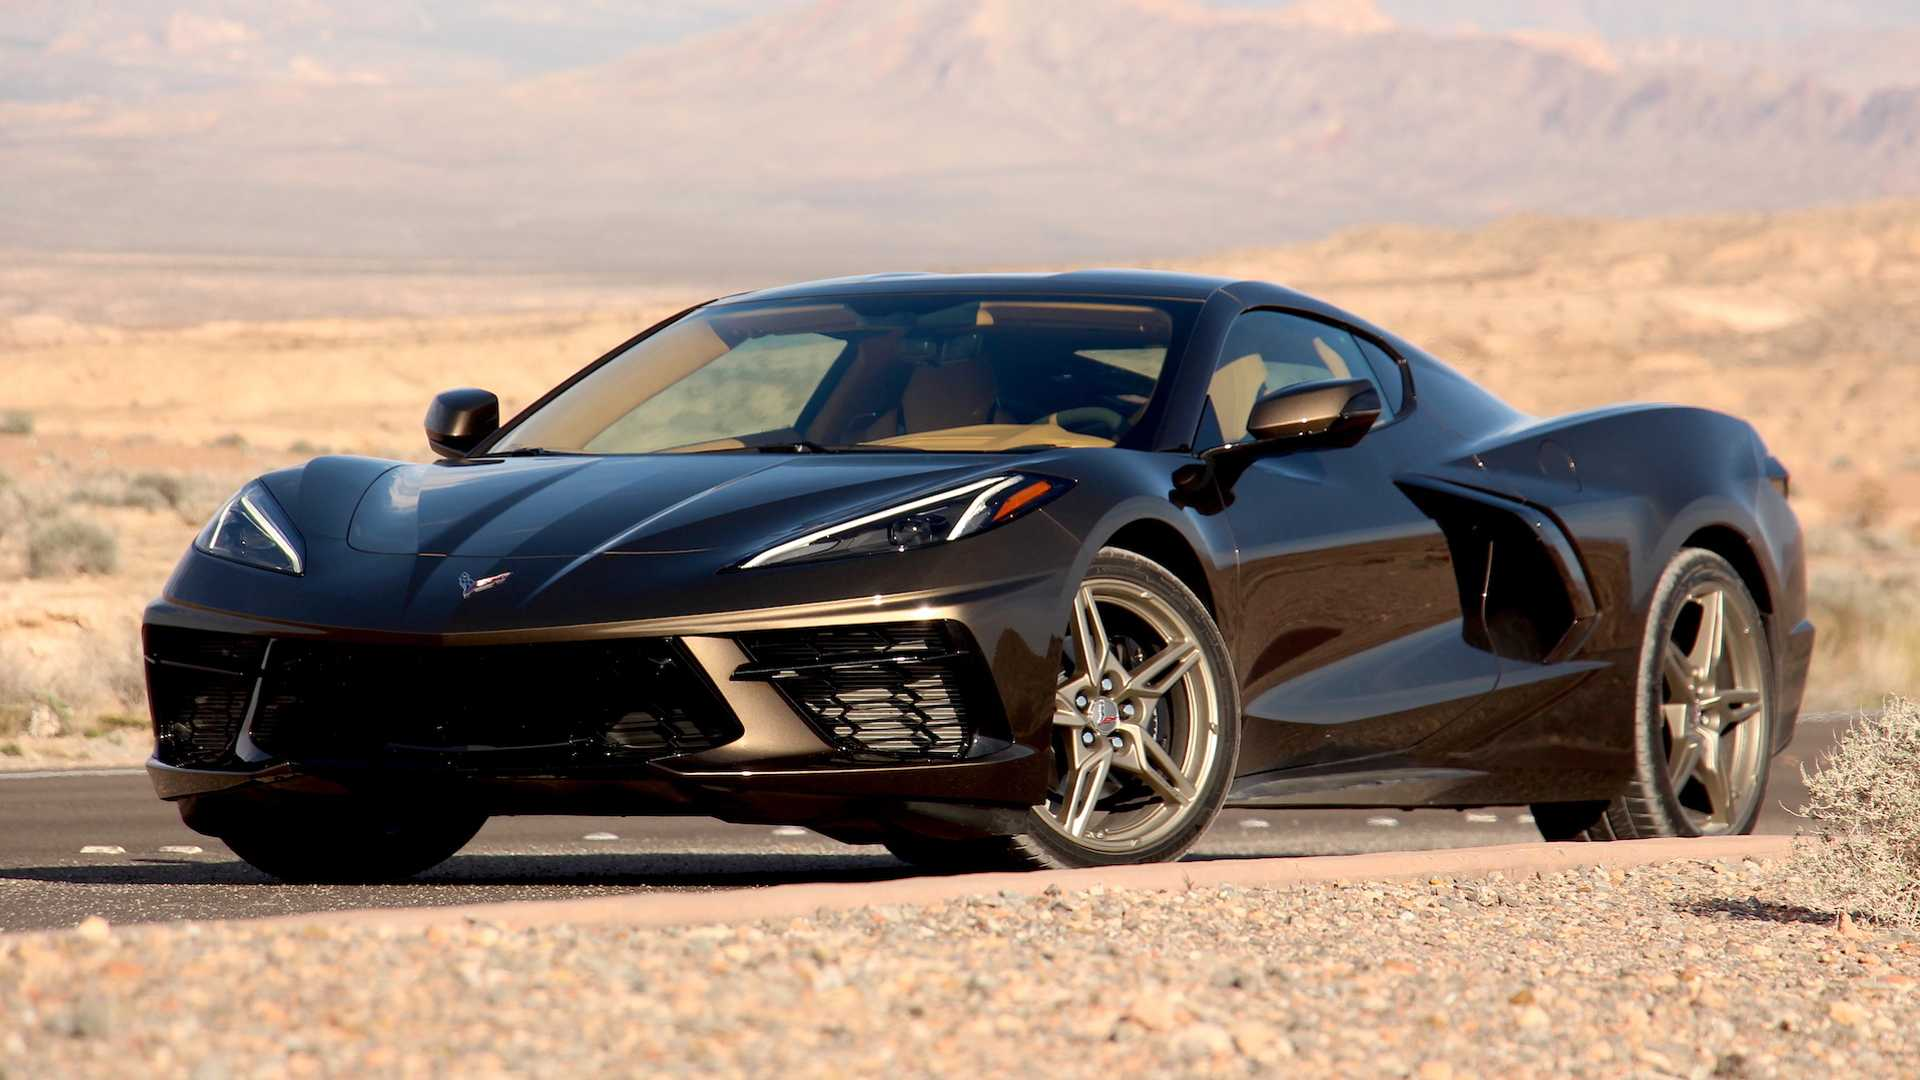 Долгое время ателье не могли начать полноценный тюнинг Chevrolet Corvette VIII поколения из-за зашифрованного блока управления двигателем, но эти времена уже позади: американцам из FuelTech удалось выжать из движка рекордные 1368 л. с.